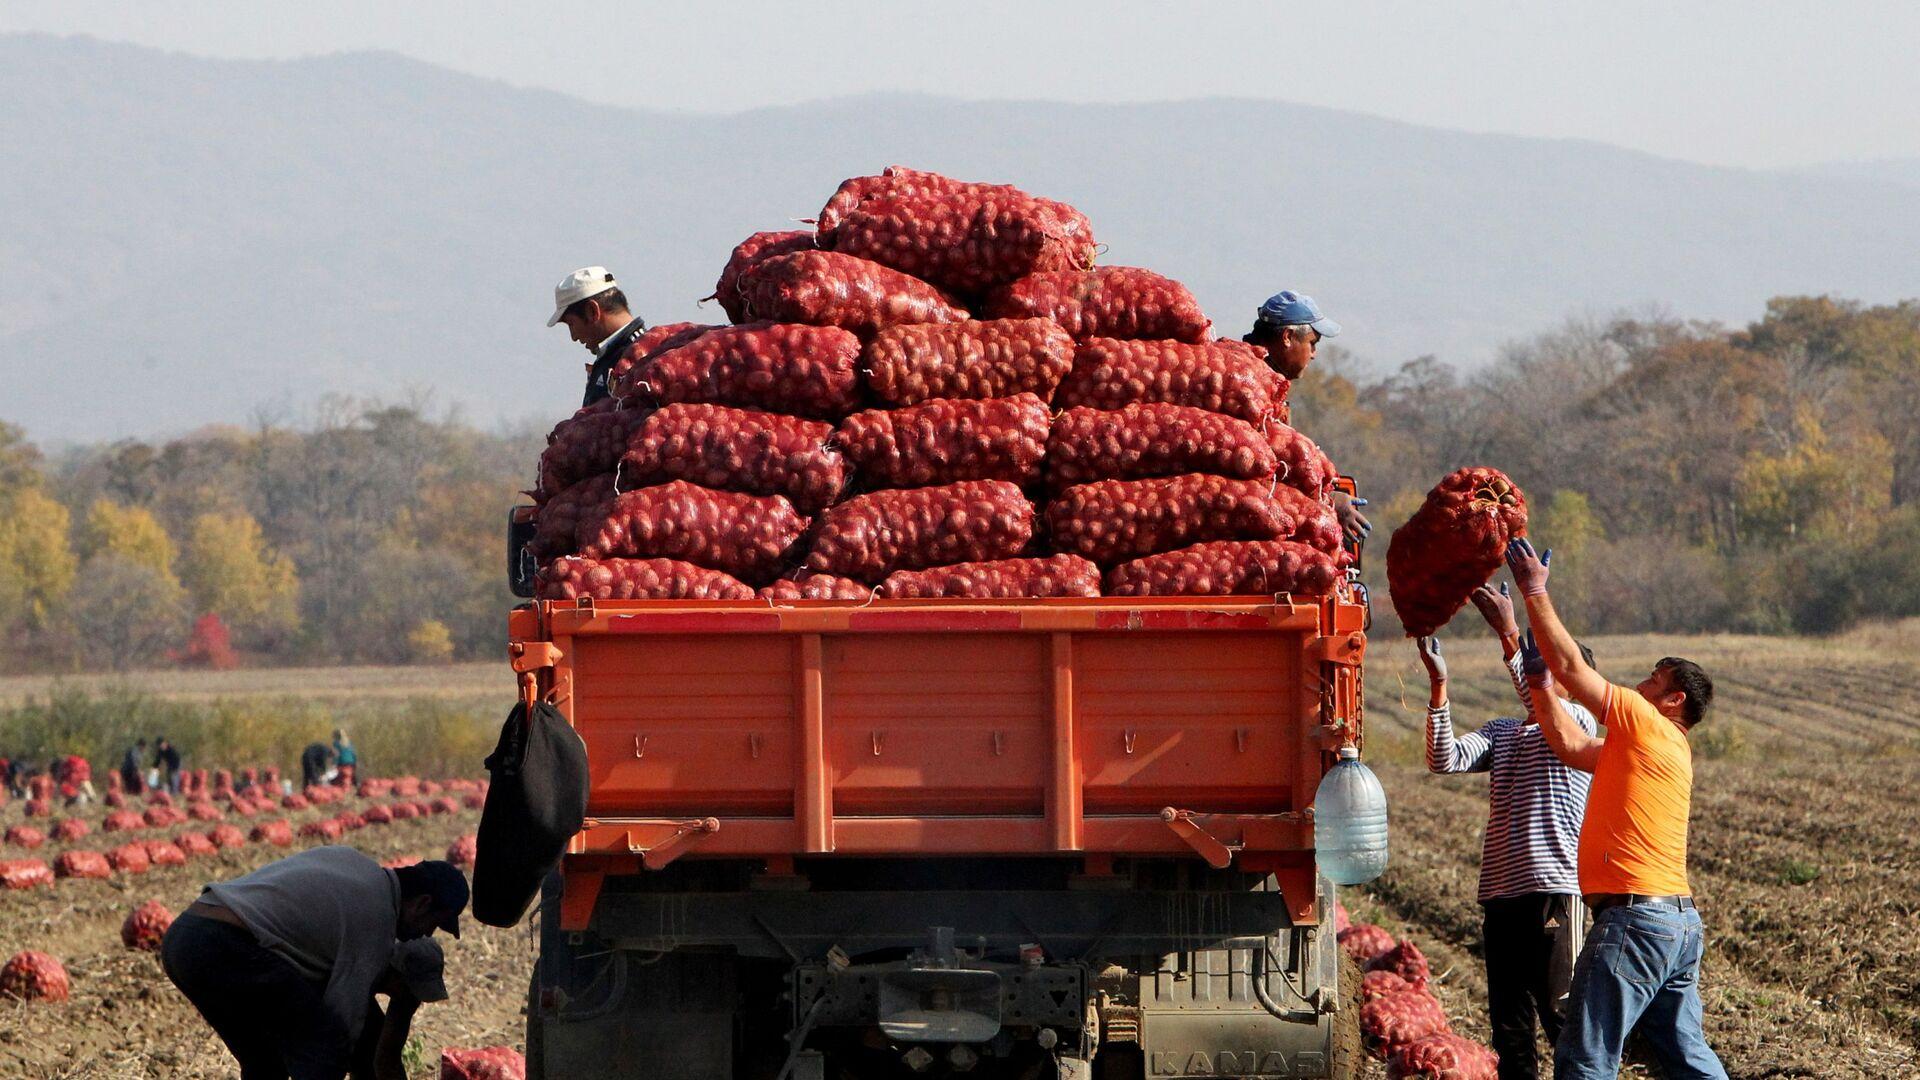 Сбор овощей в фермерском хозяйстве  - Sputnik Таджикистан, 1920, 30.03.2021